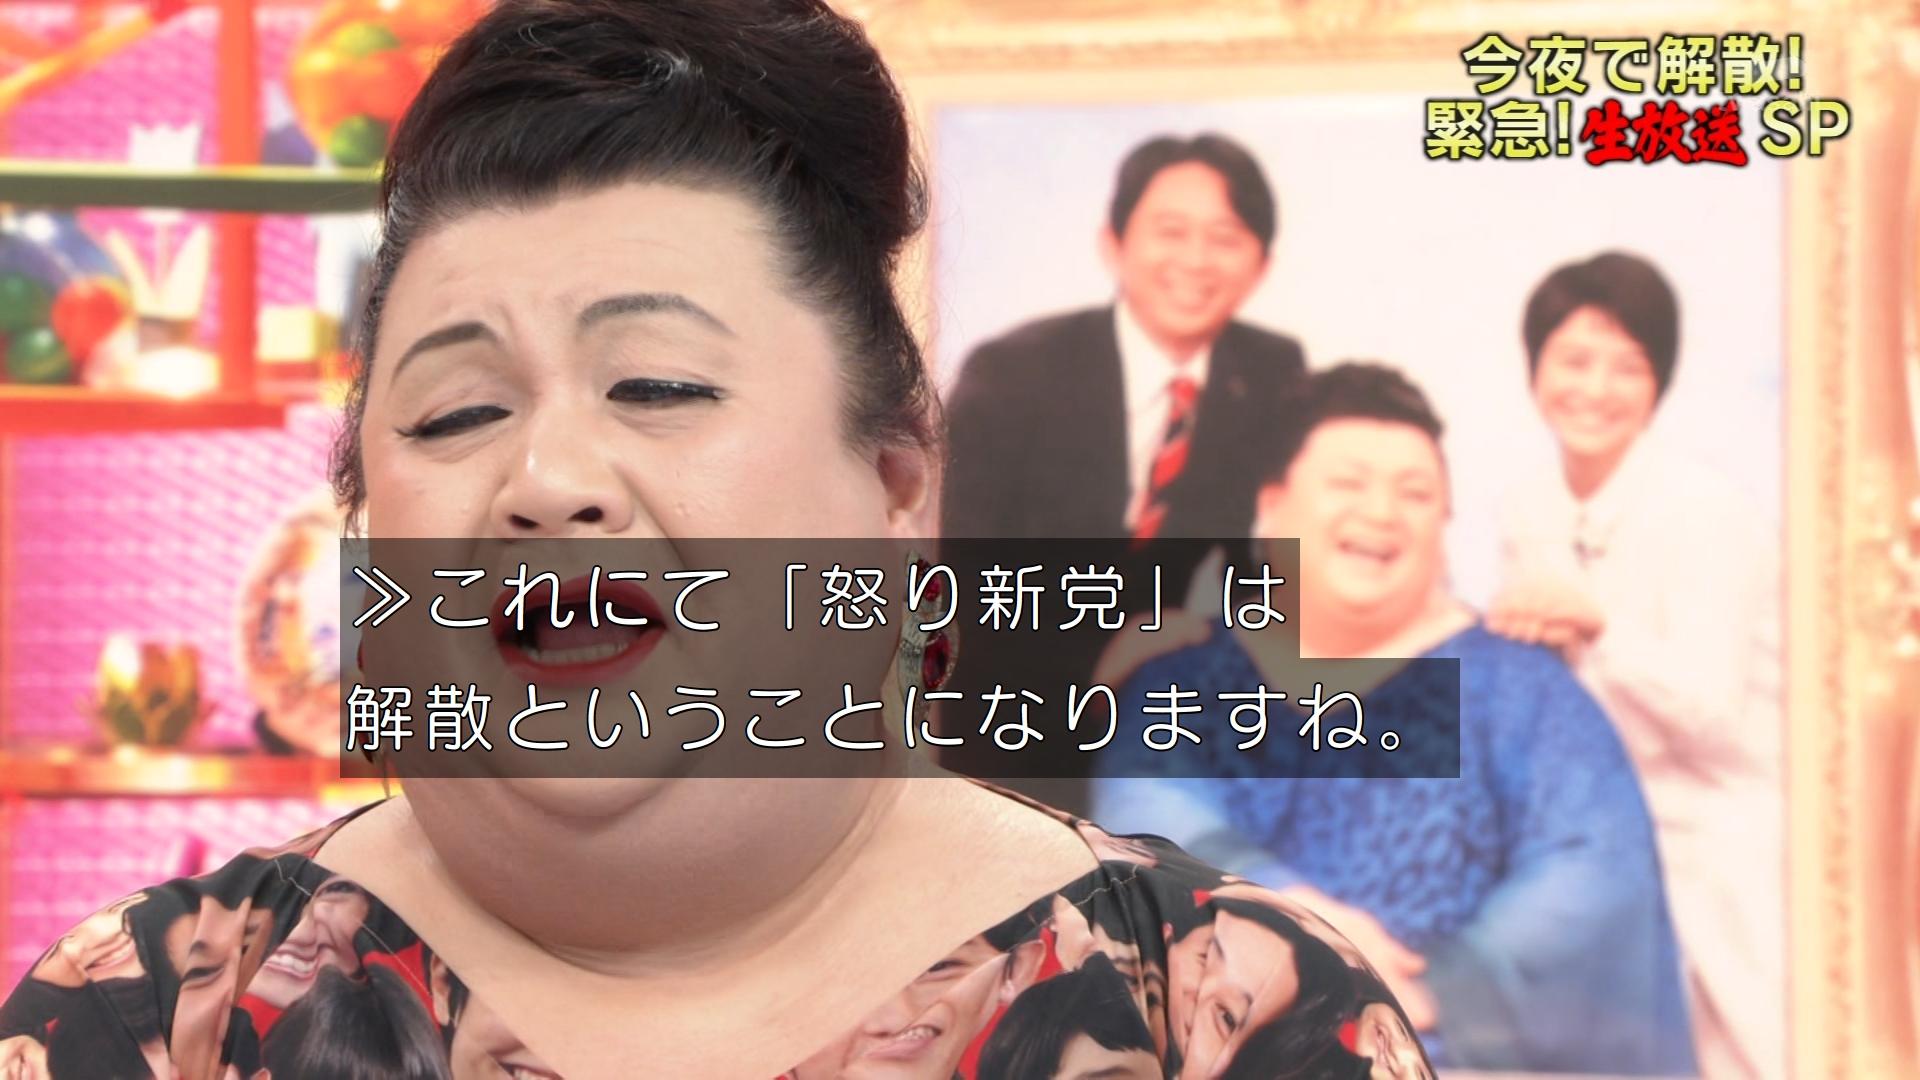 """ゆくブラっ!📺 on Twitter: """"夏目ちゃんの最後の挨拶を持って怒り新党 ..."""